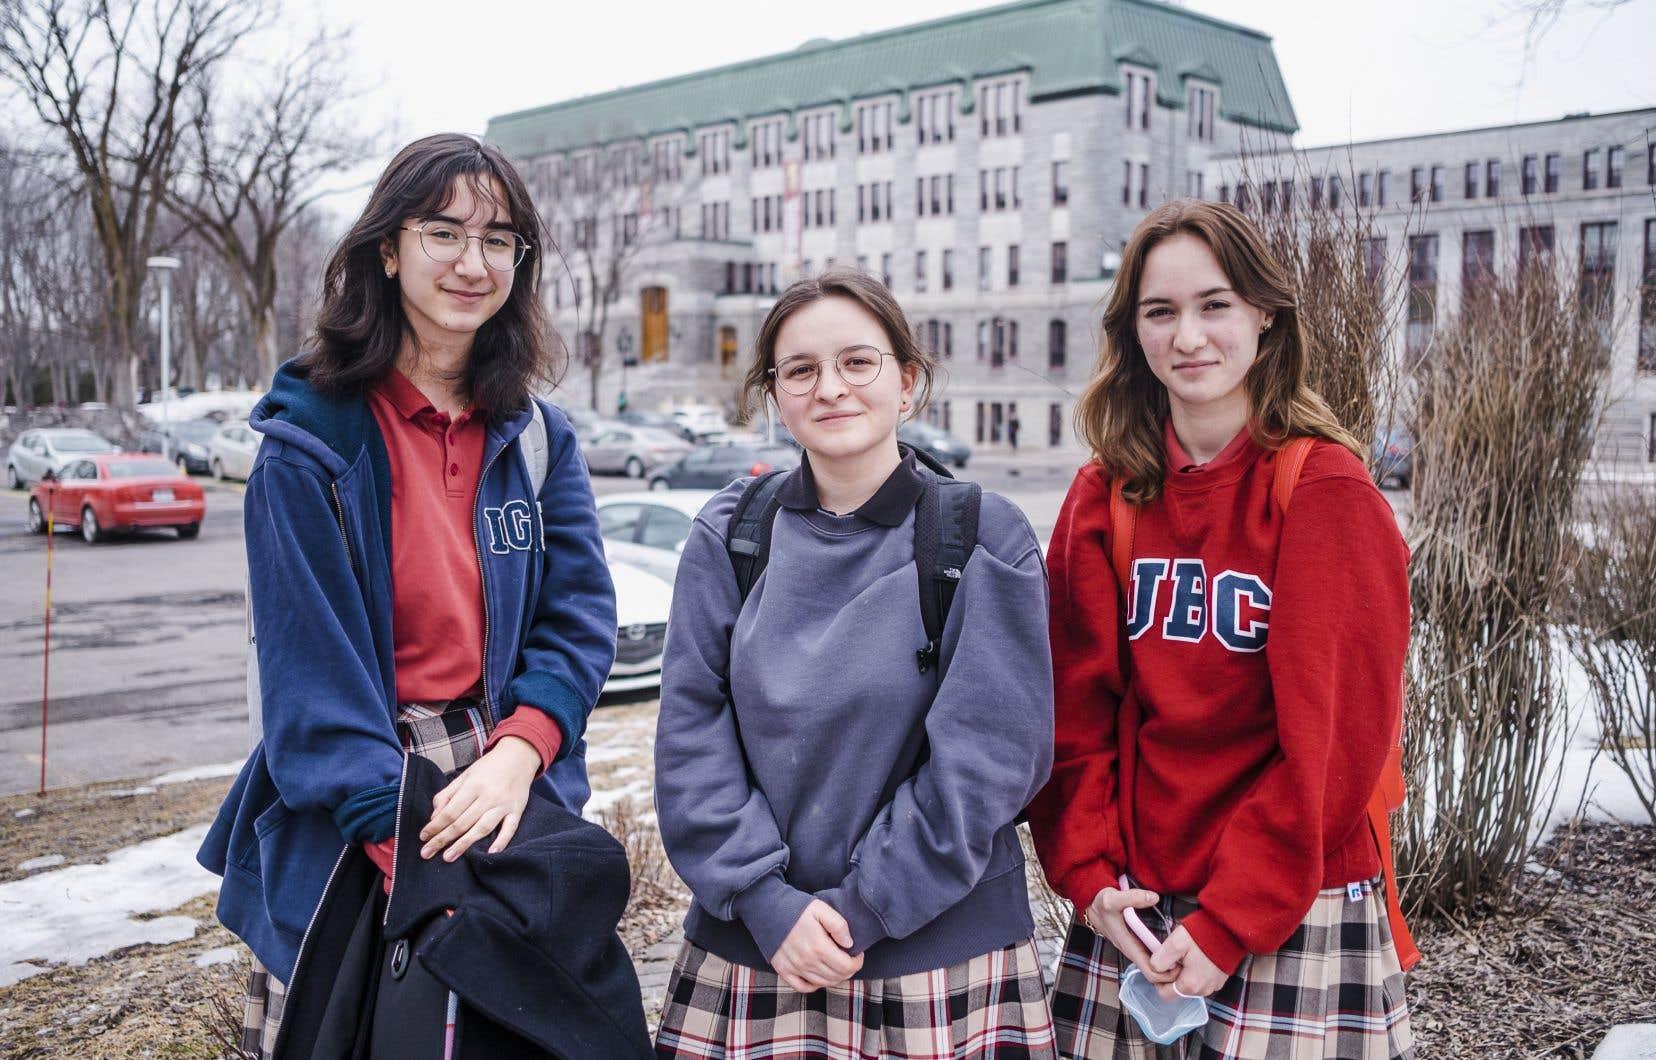 Luiza Ionascu, Sabrina Demers et Camille Deschenes ont toutes trois grandi dans un milieu francophone. Néanmoins, les trois amies et étudiantes au Collège Saint-Charles-Garnier, à Québec, se textent en anglais, naviguent en anglais sur le Web et rêvent aussi leur avenir dans cette langue.